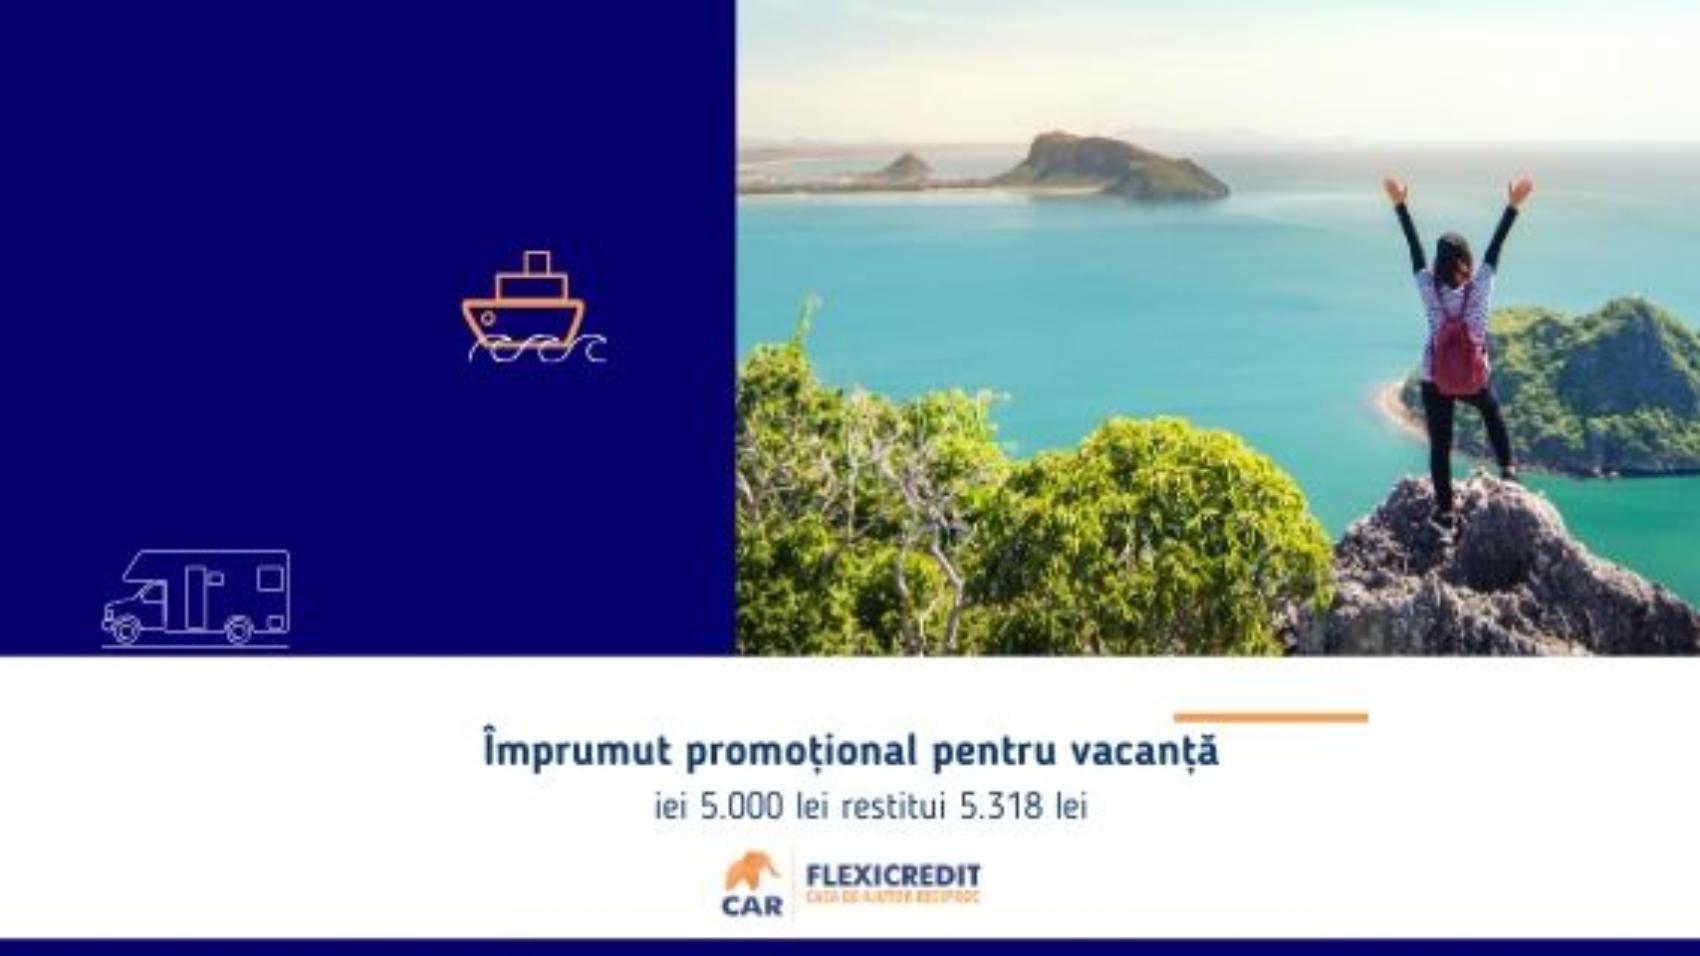 Imprumut-Promotional-pentru-vacanta